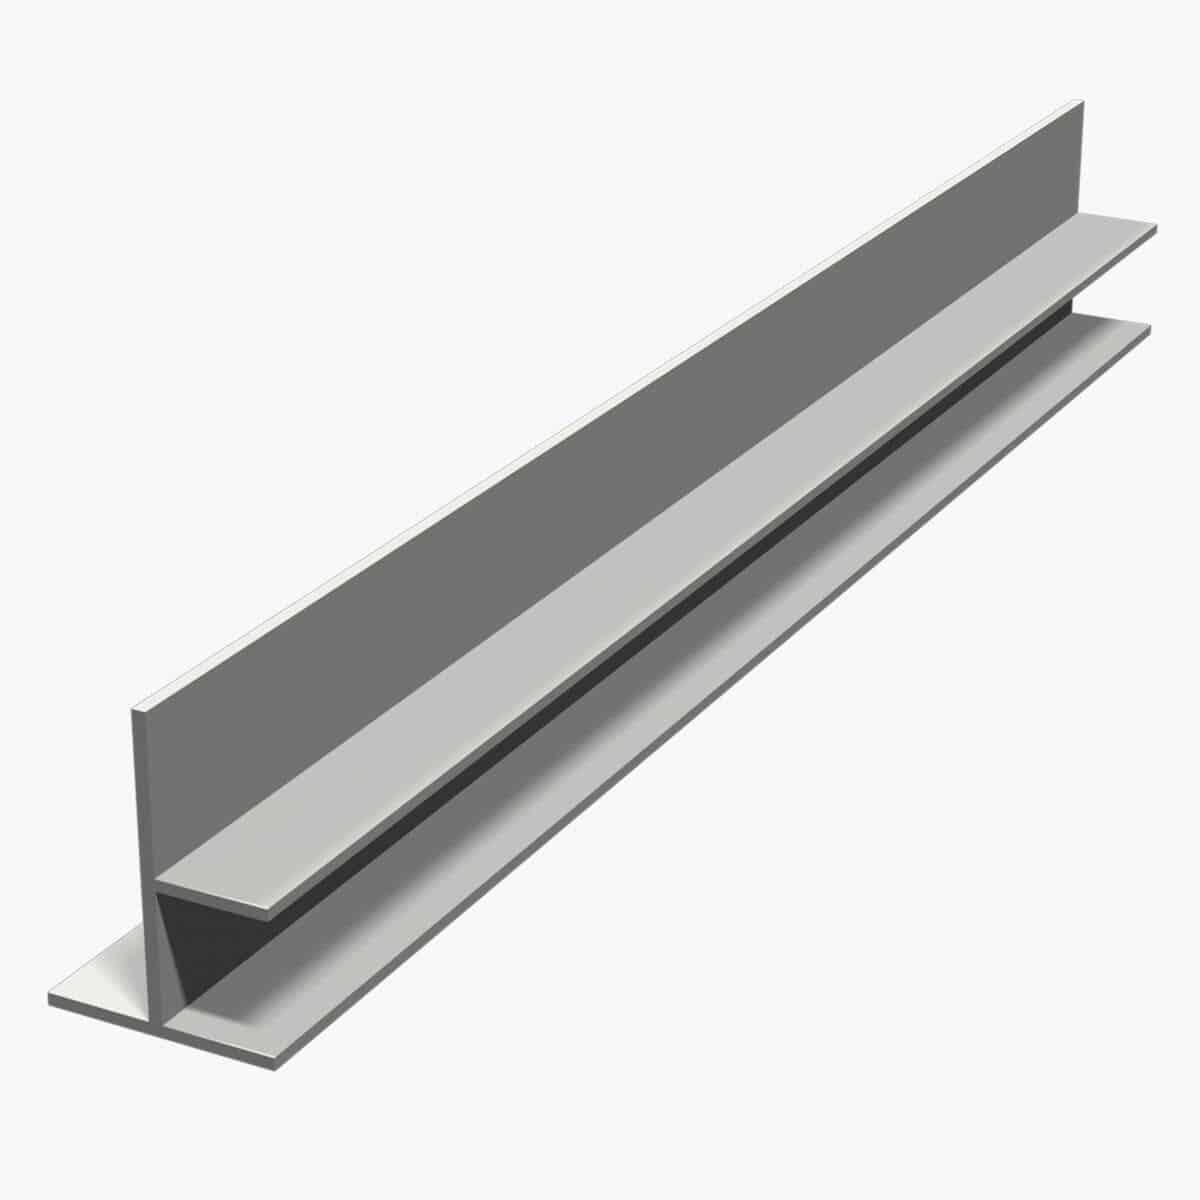 TEMPOLISTEL B104 Profilé de transition pour jonction faux plafond plaque de plâtre et démontable